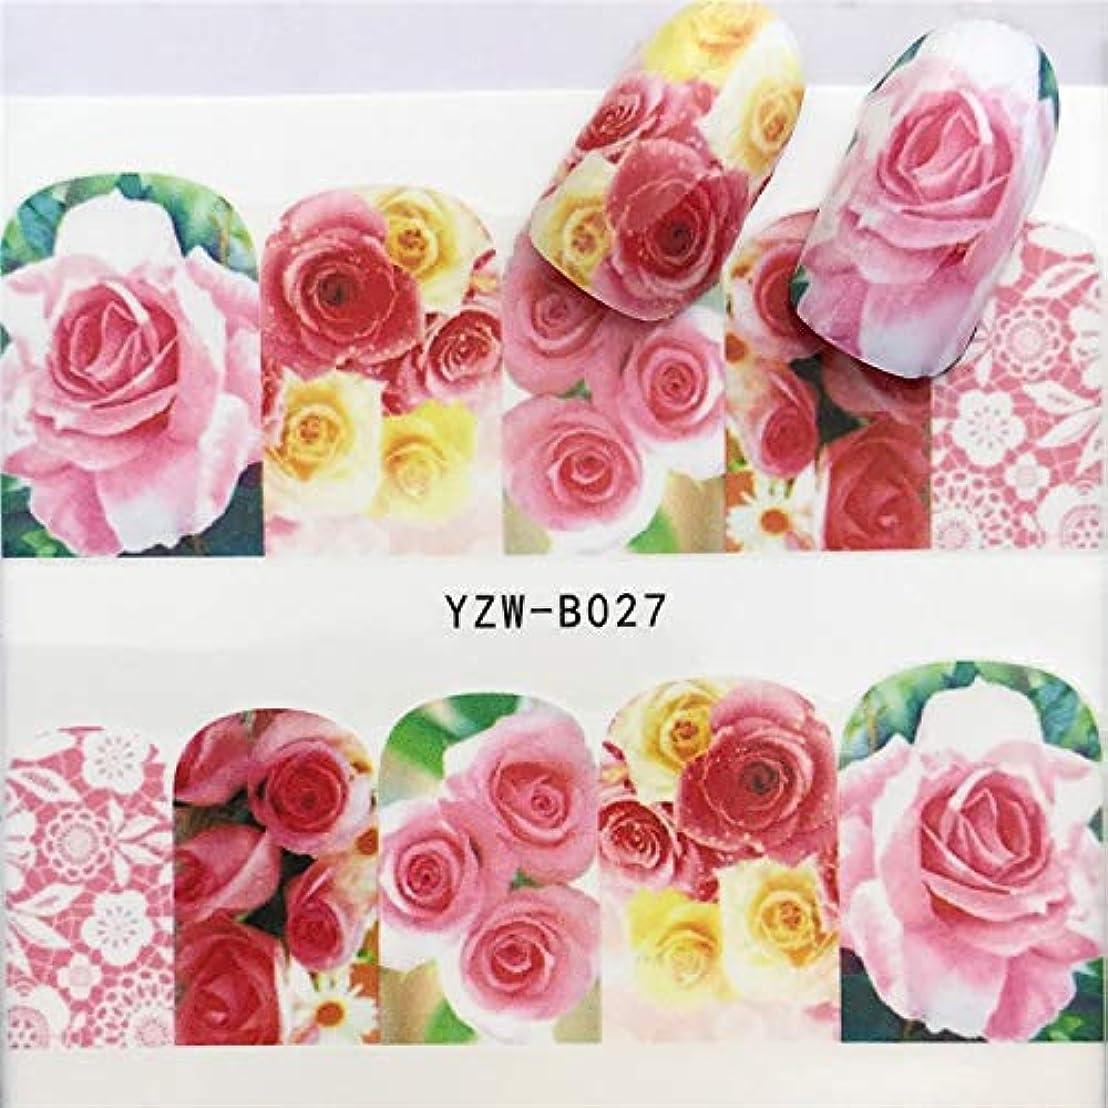 ルール不完全オーロックFlysea ネイルステッカー3 PCSネイルステッカーセットデカール水スライダーネイルズアート装飾、色転送:YZWB027を